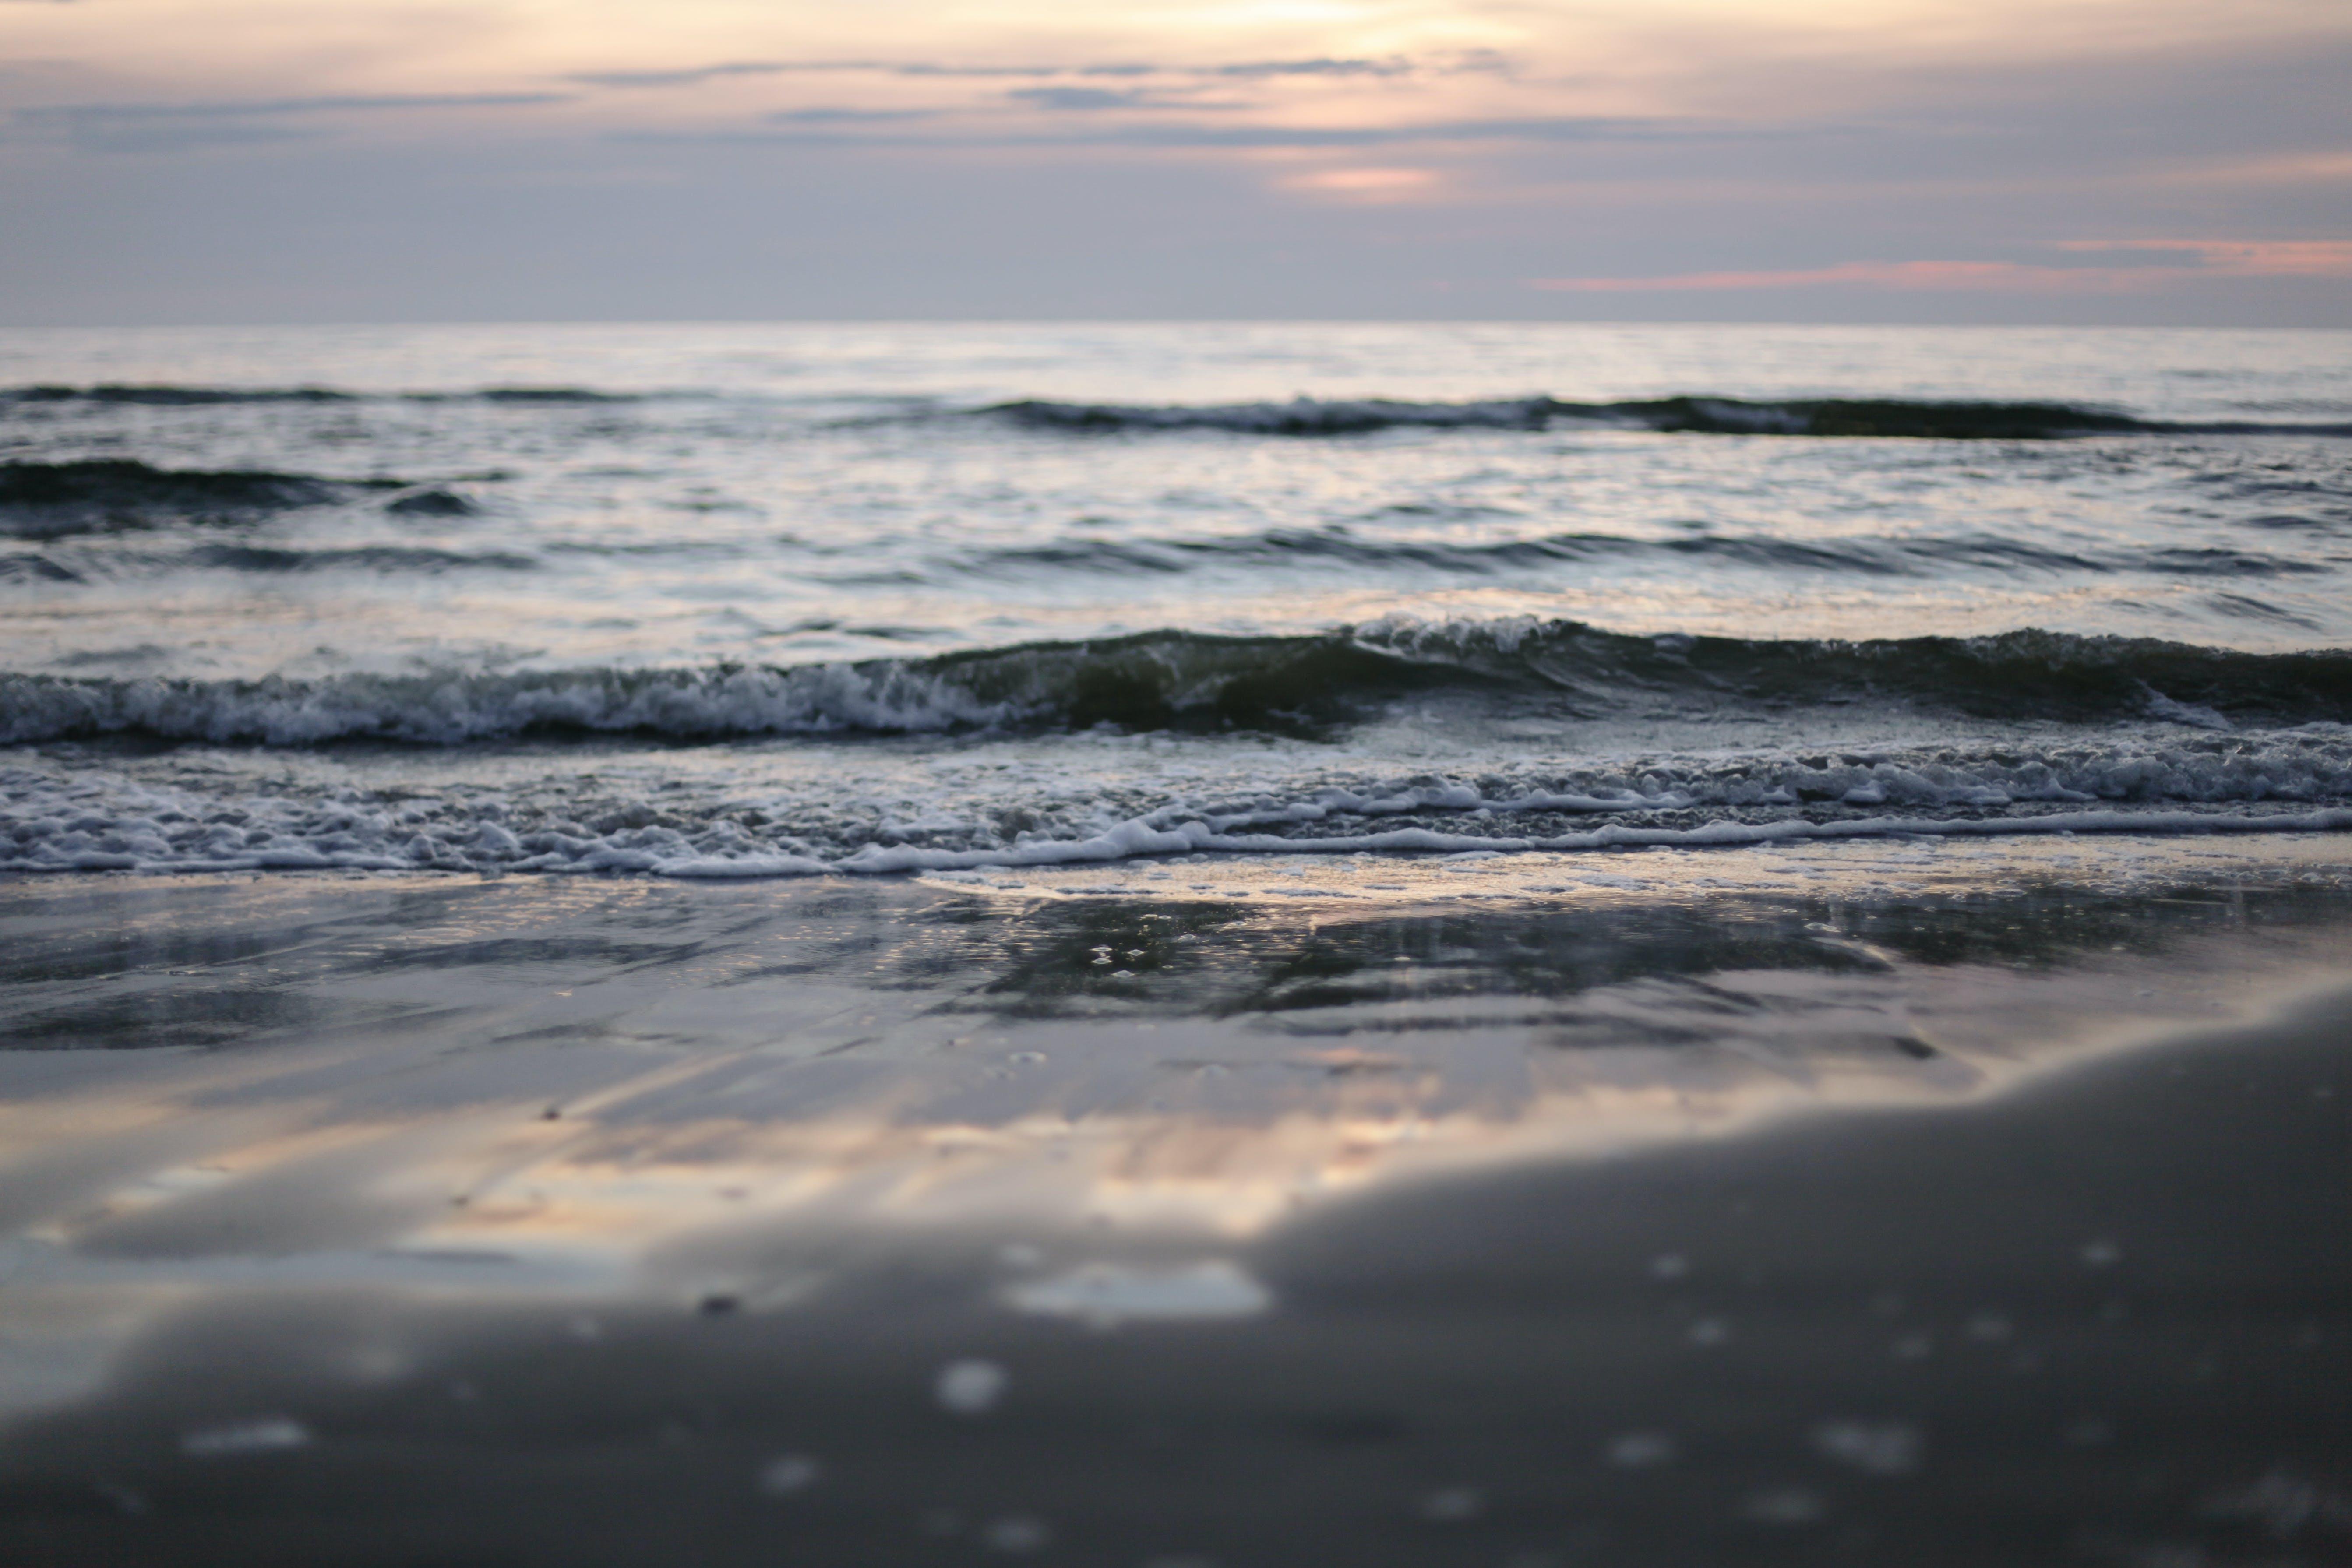 Δωρεάν στοκ φωτογραφιών με 4k ταπετσαρία, oceanshore, ακτή του ωκεανού, Ανατολή ηλίου